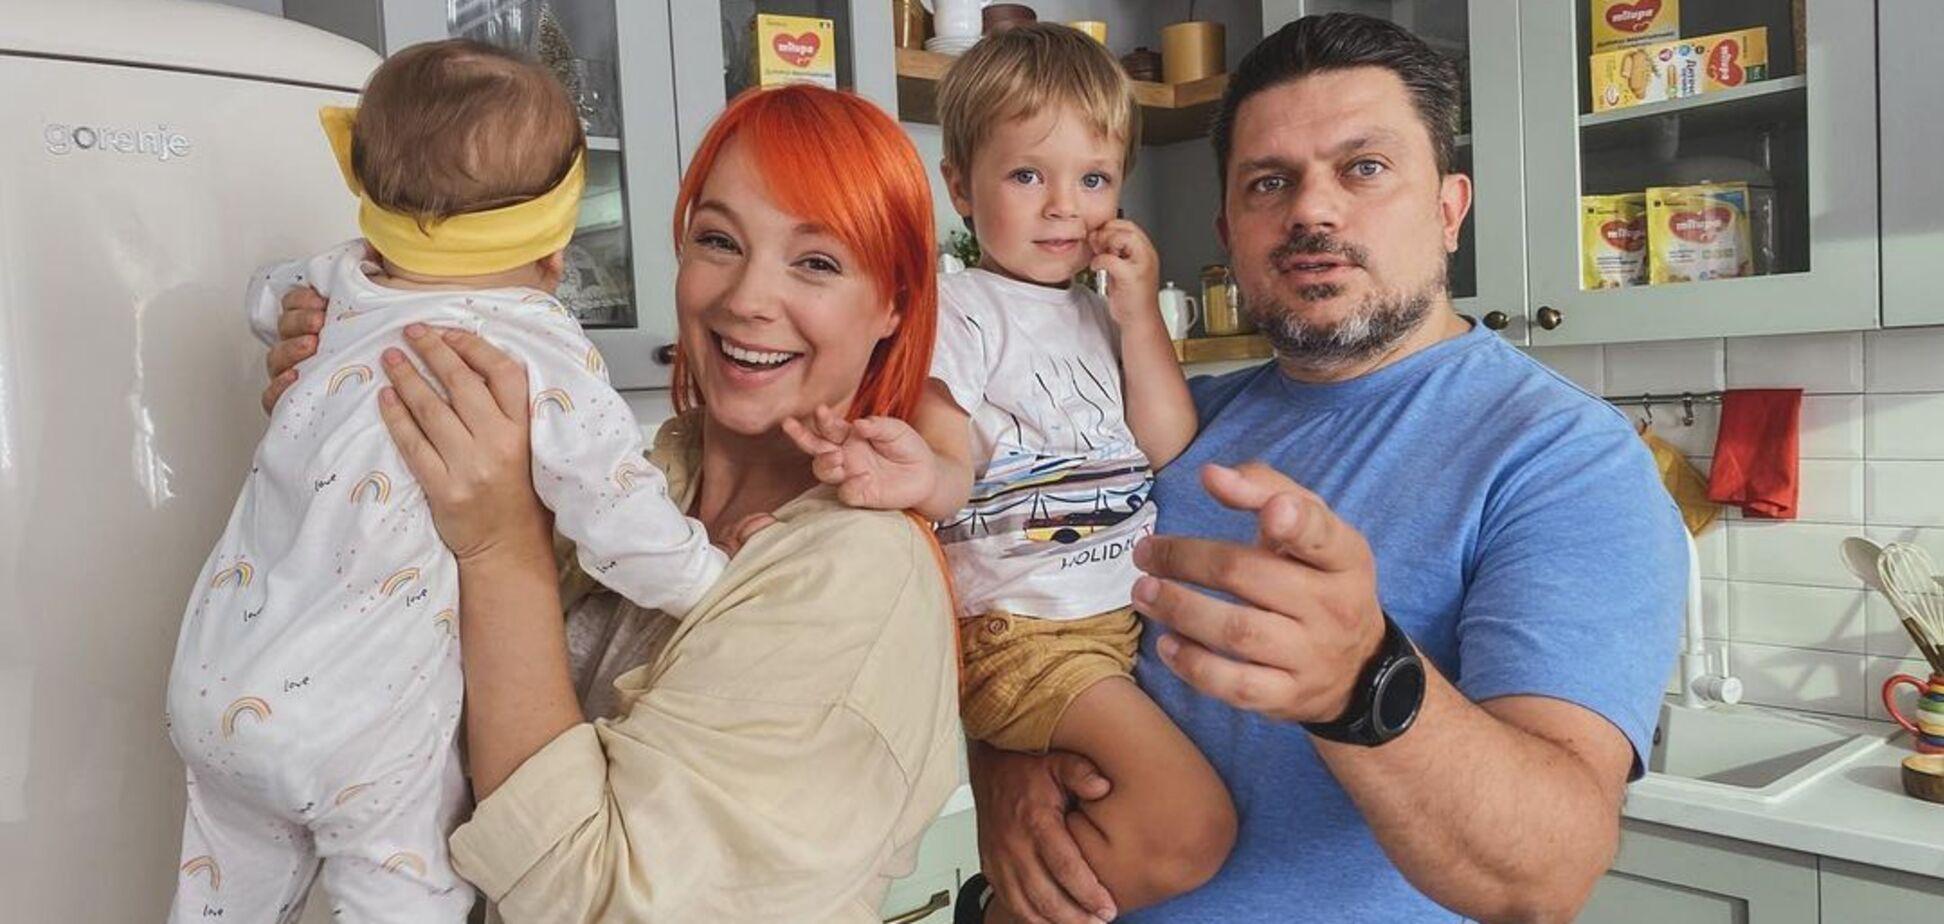 Тарабарова вперше показала обличчя доньки. Фото